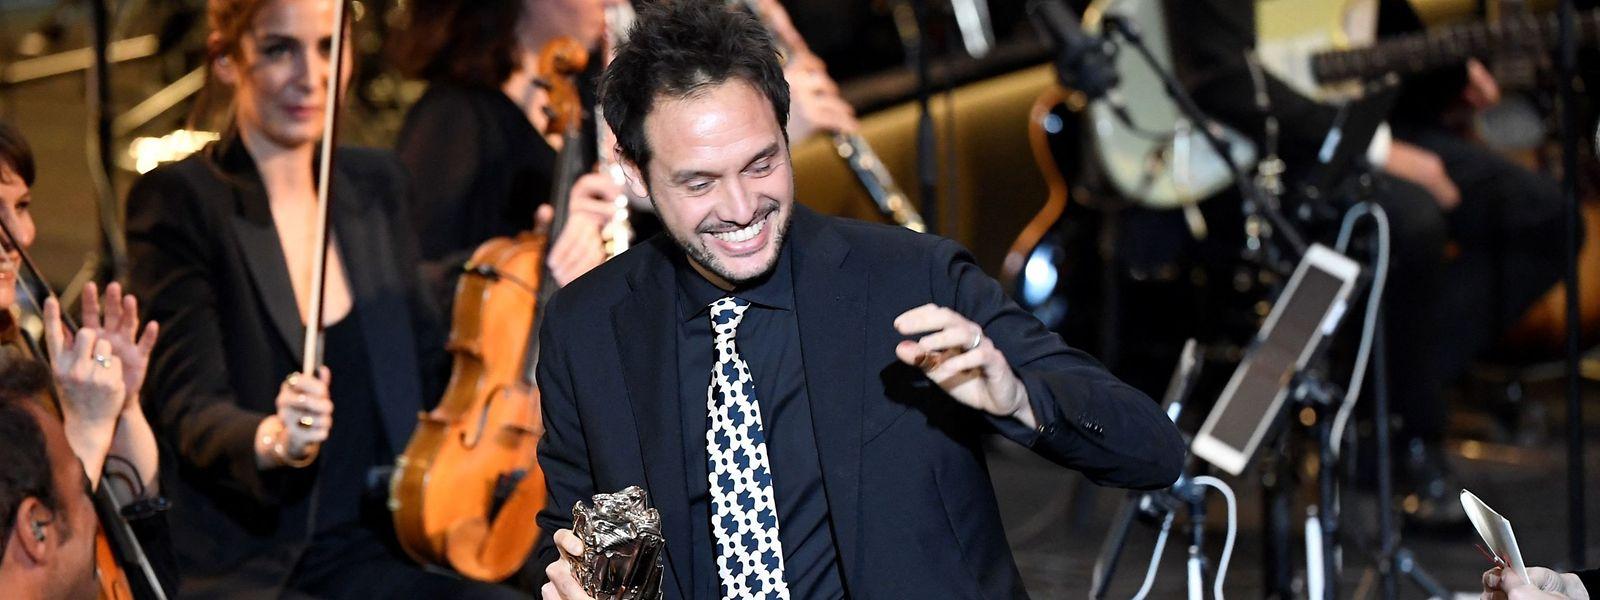 """Filippo Meneghetti nimmt den César für den besten Debütfilm entgegen. """"Deux"""" ist eine Luxemburger Koproduktion, an der die Luxemburger Filmgesellschaft Tarantula mitgearbeitet hat."""